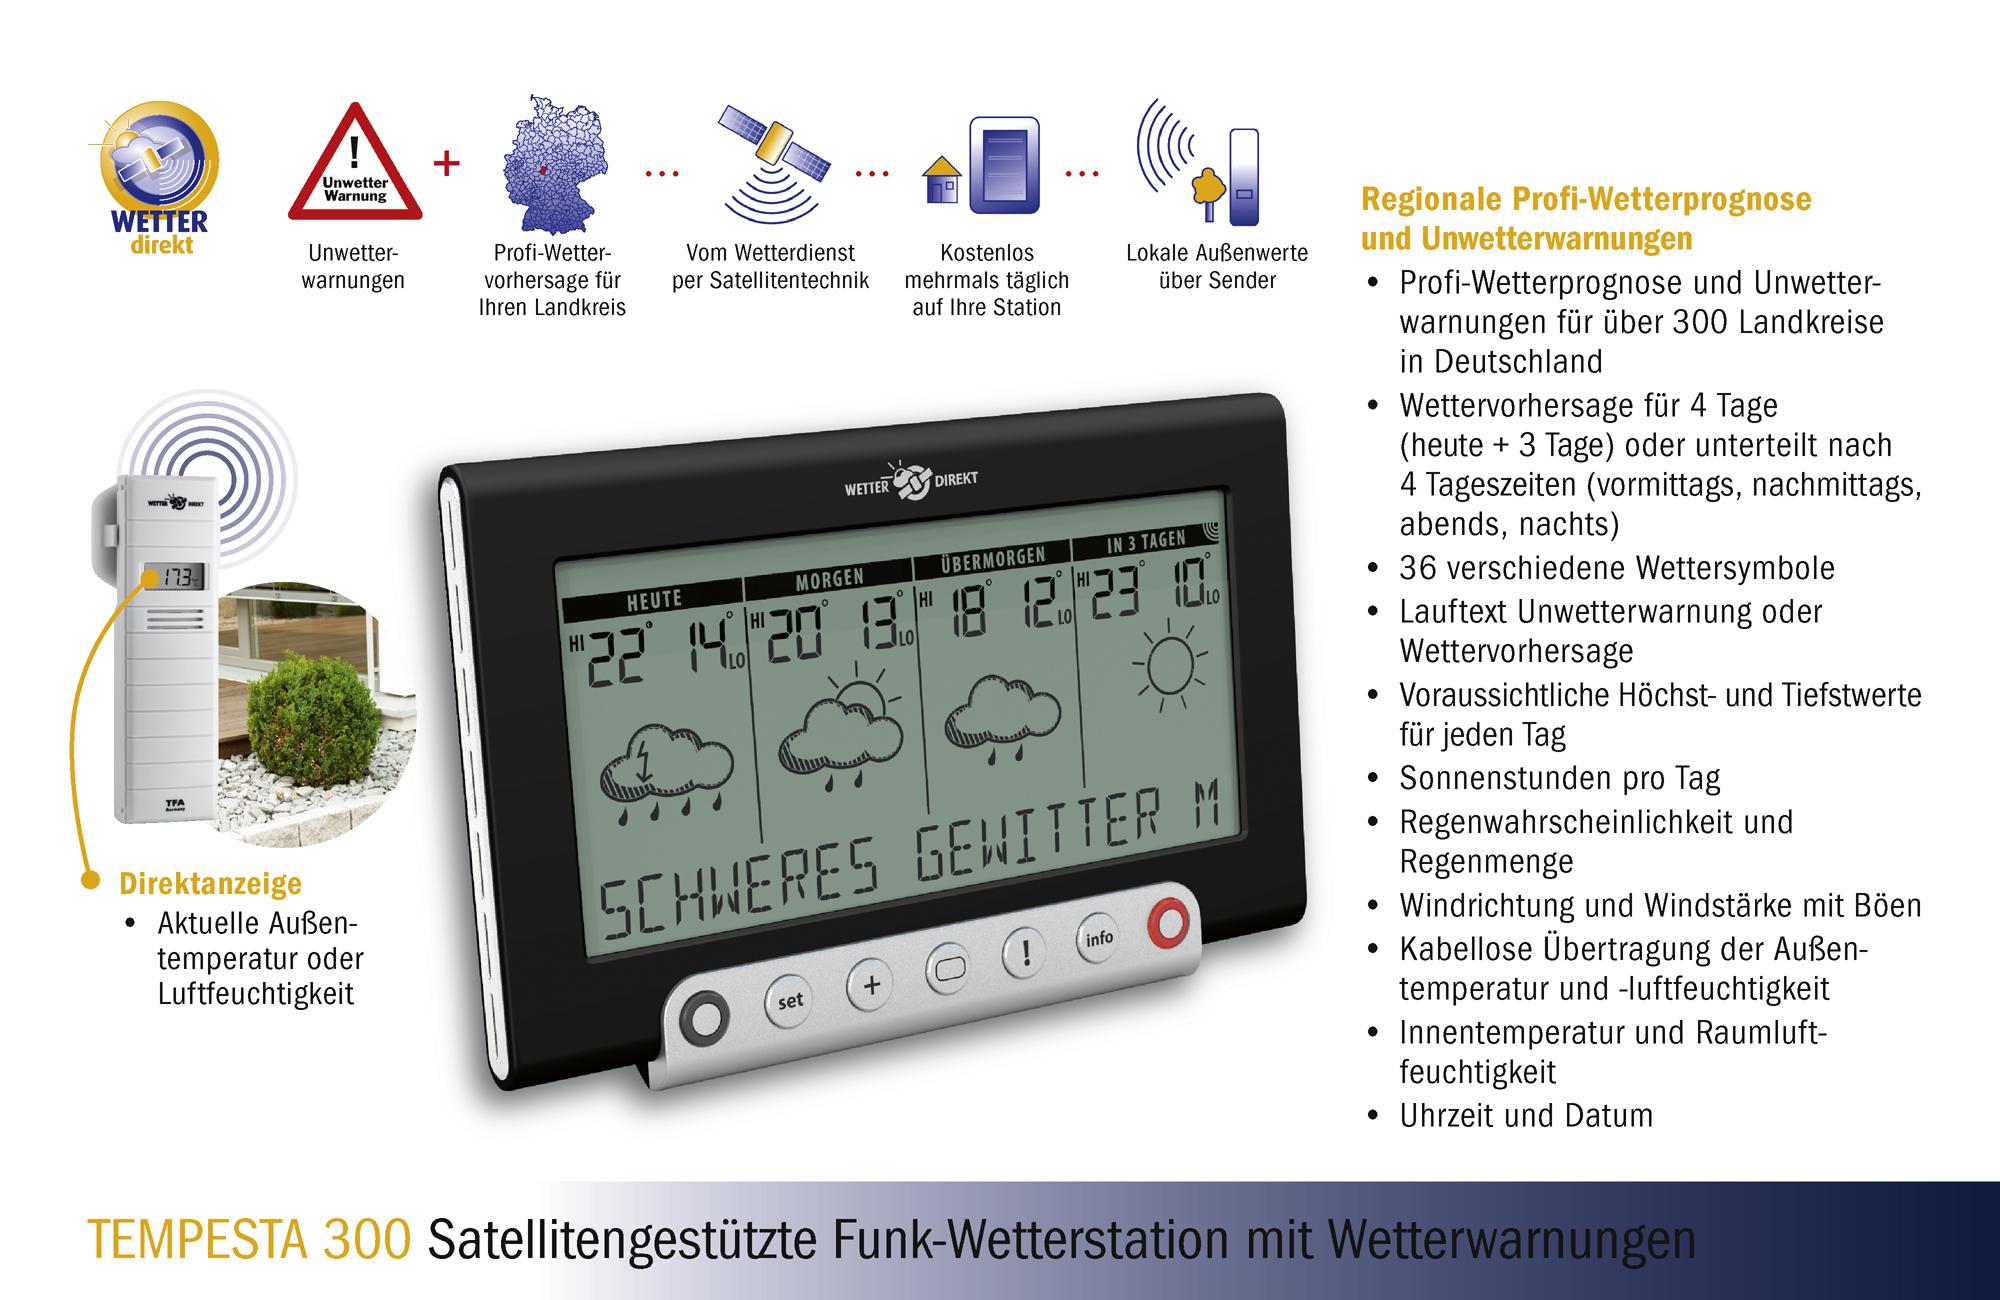 Funk-Wetterstation_Tempesta300_355050_Vorteile.jpg